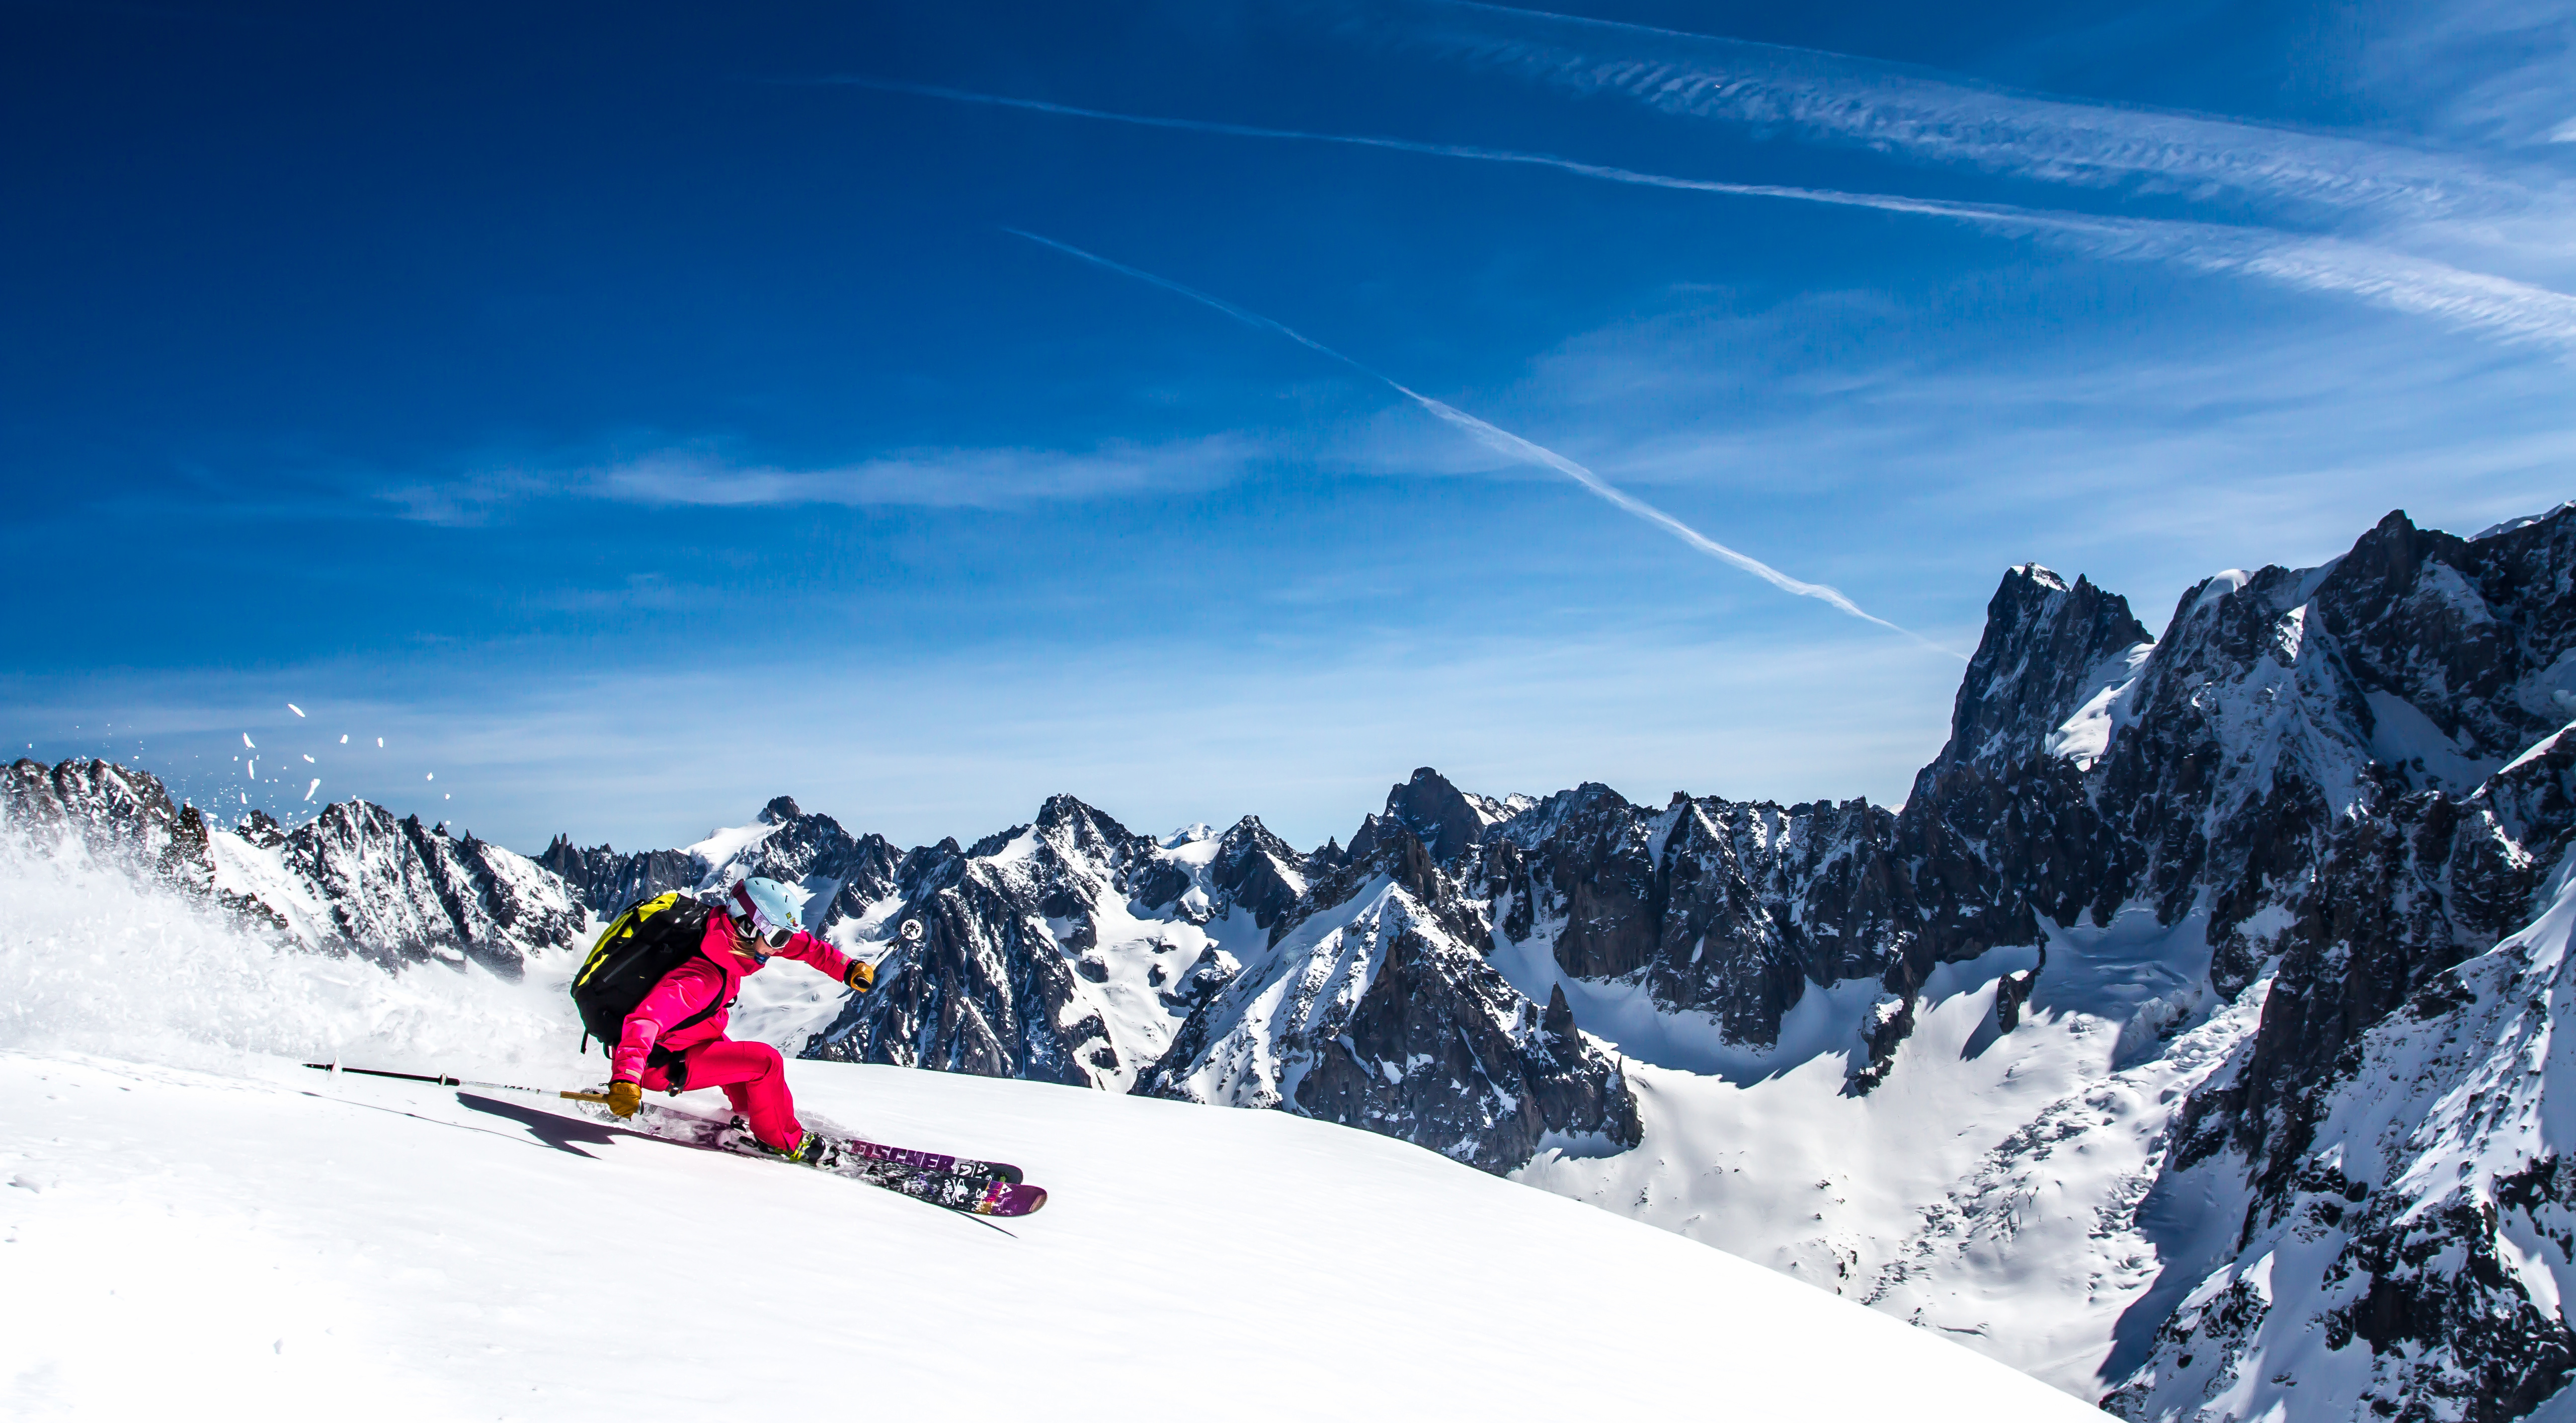 Снег на горных склонах  № 2944897 бесплатно